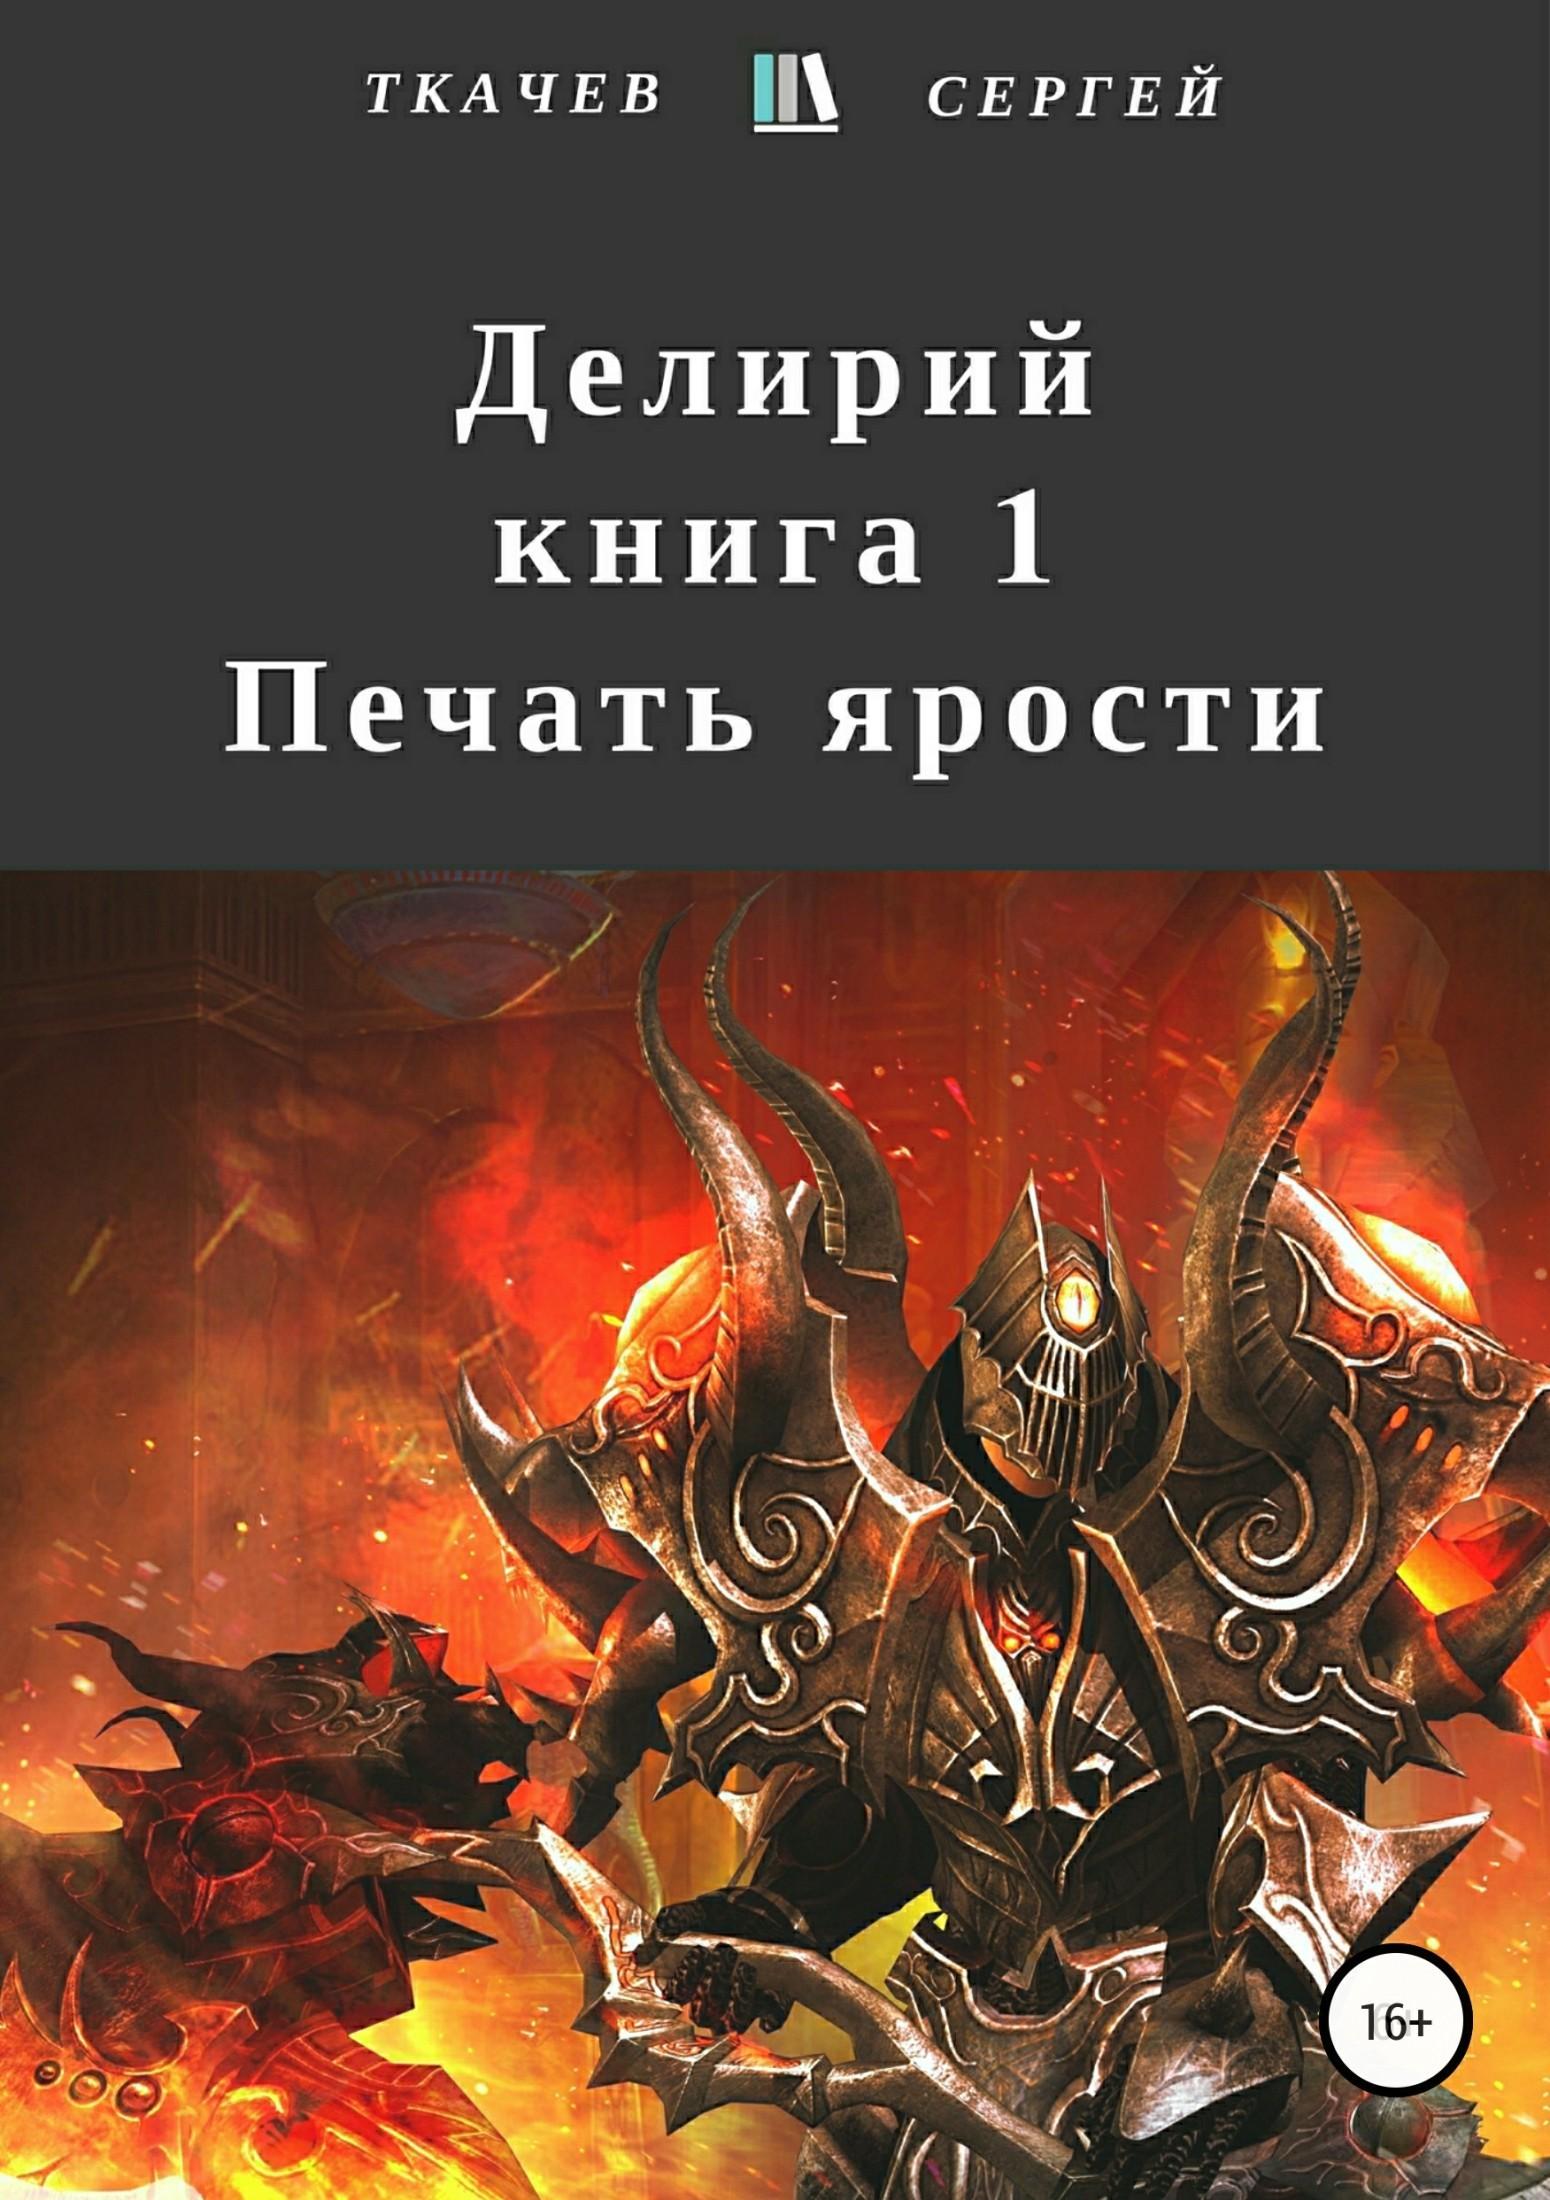 Делирий. Книга 1. Печать ярости